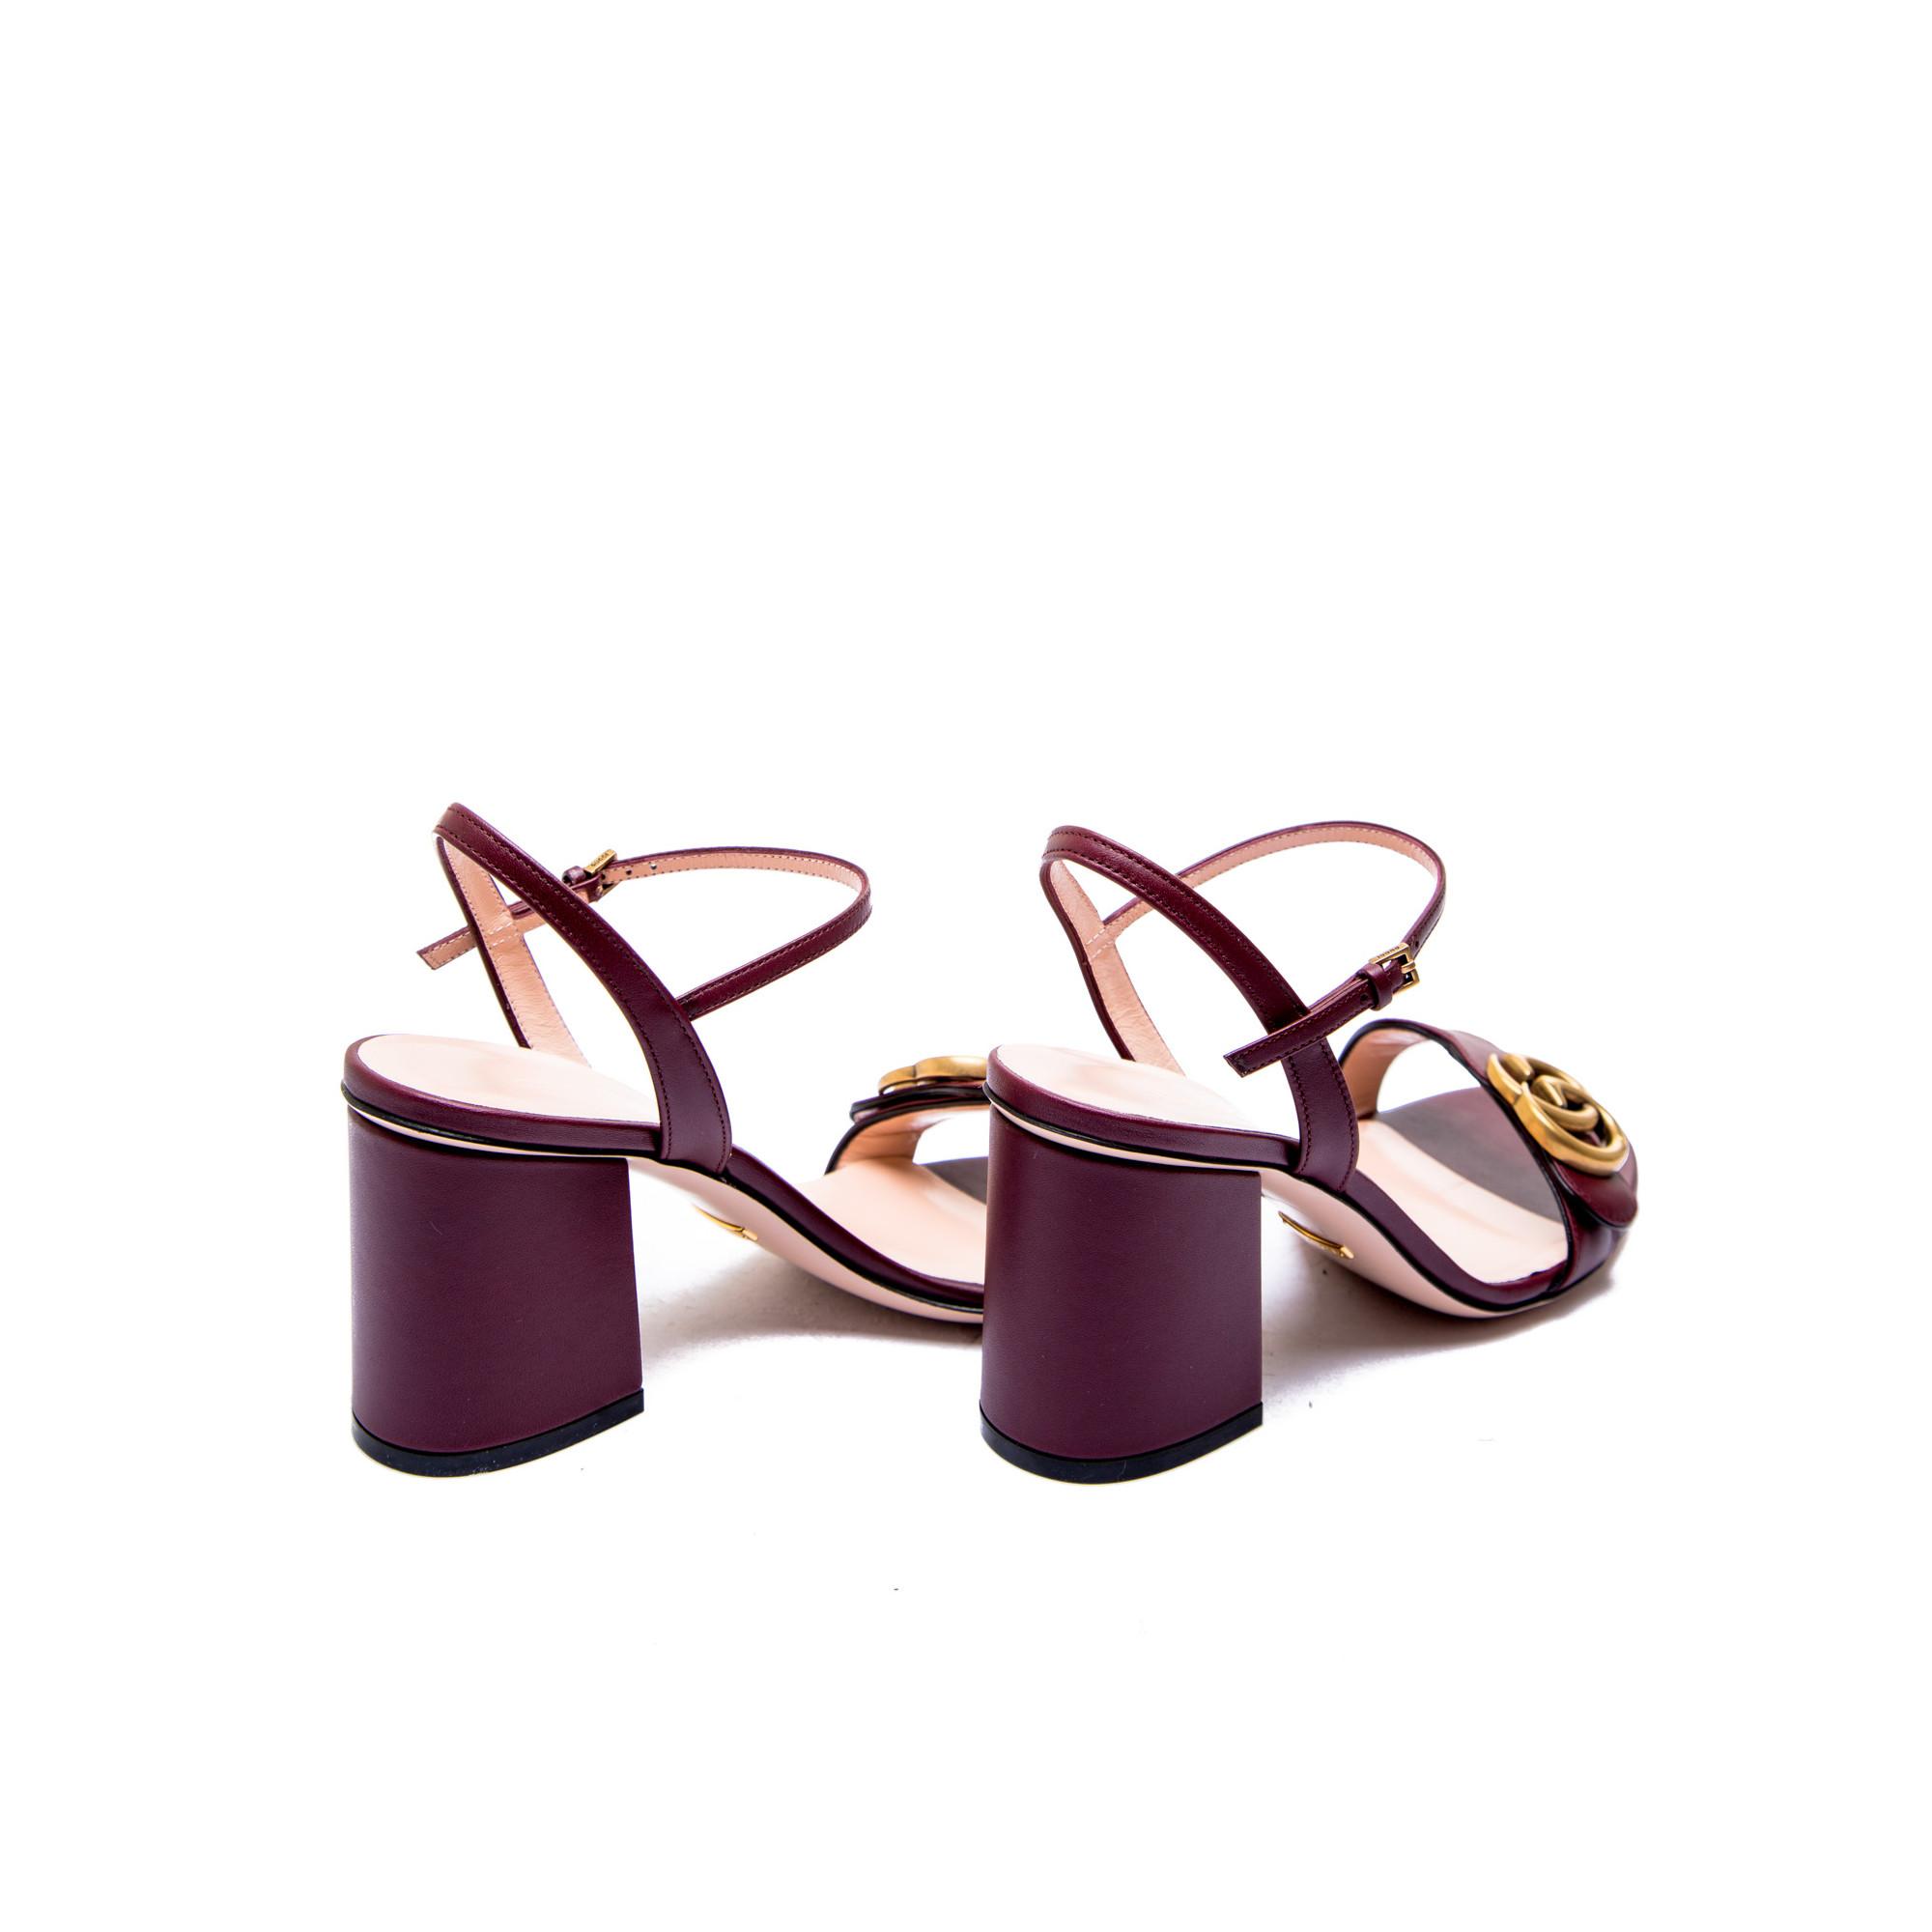 fc0d19a87 ... Gucci sandals lifford bordeaux Gucci sandals lifford bordeaux - www. derodeloper.com - Derodeloper ...